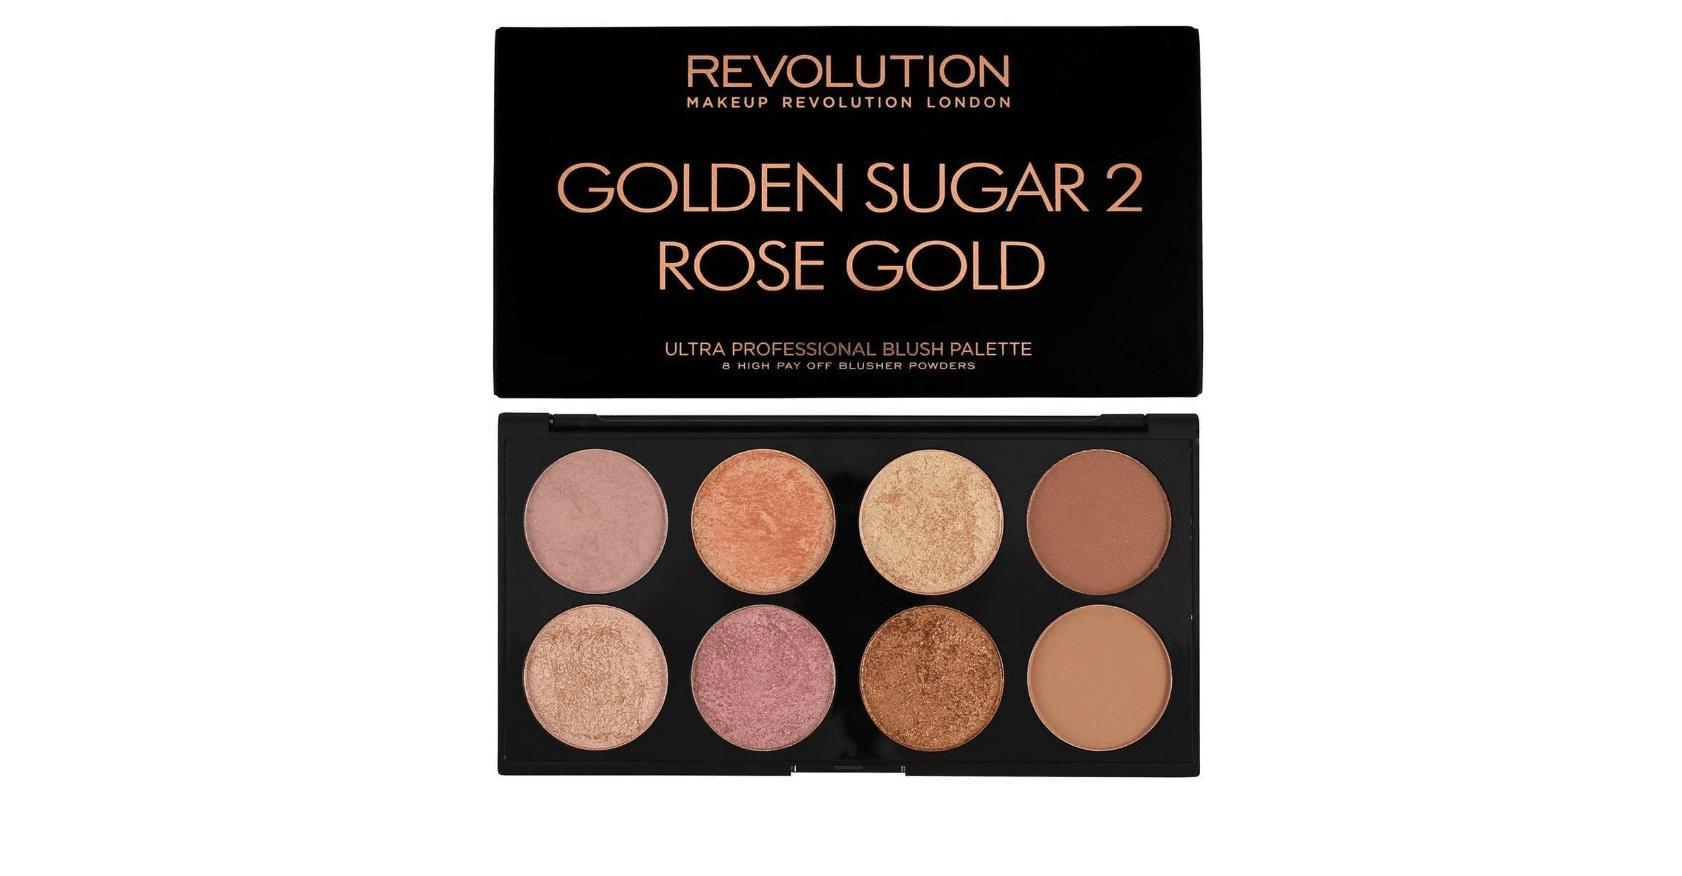 Revolution Ultra Blush Palette Golden Sugar 2 Rose Gold